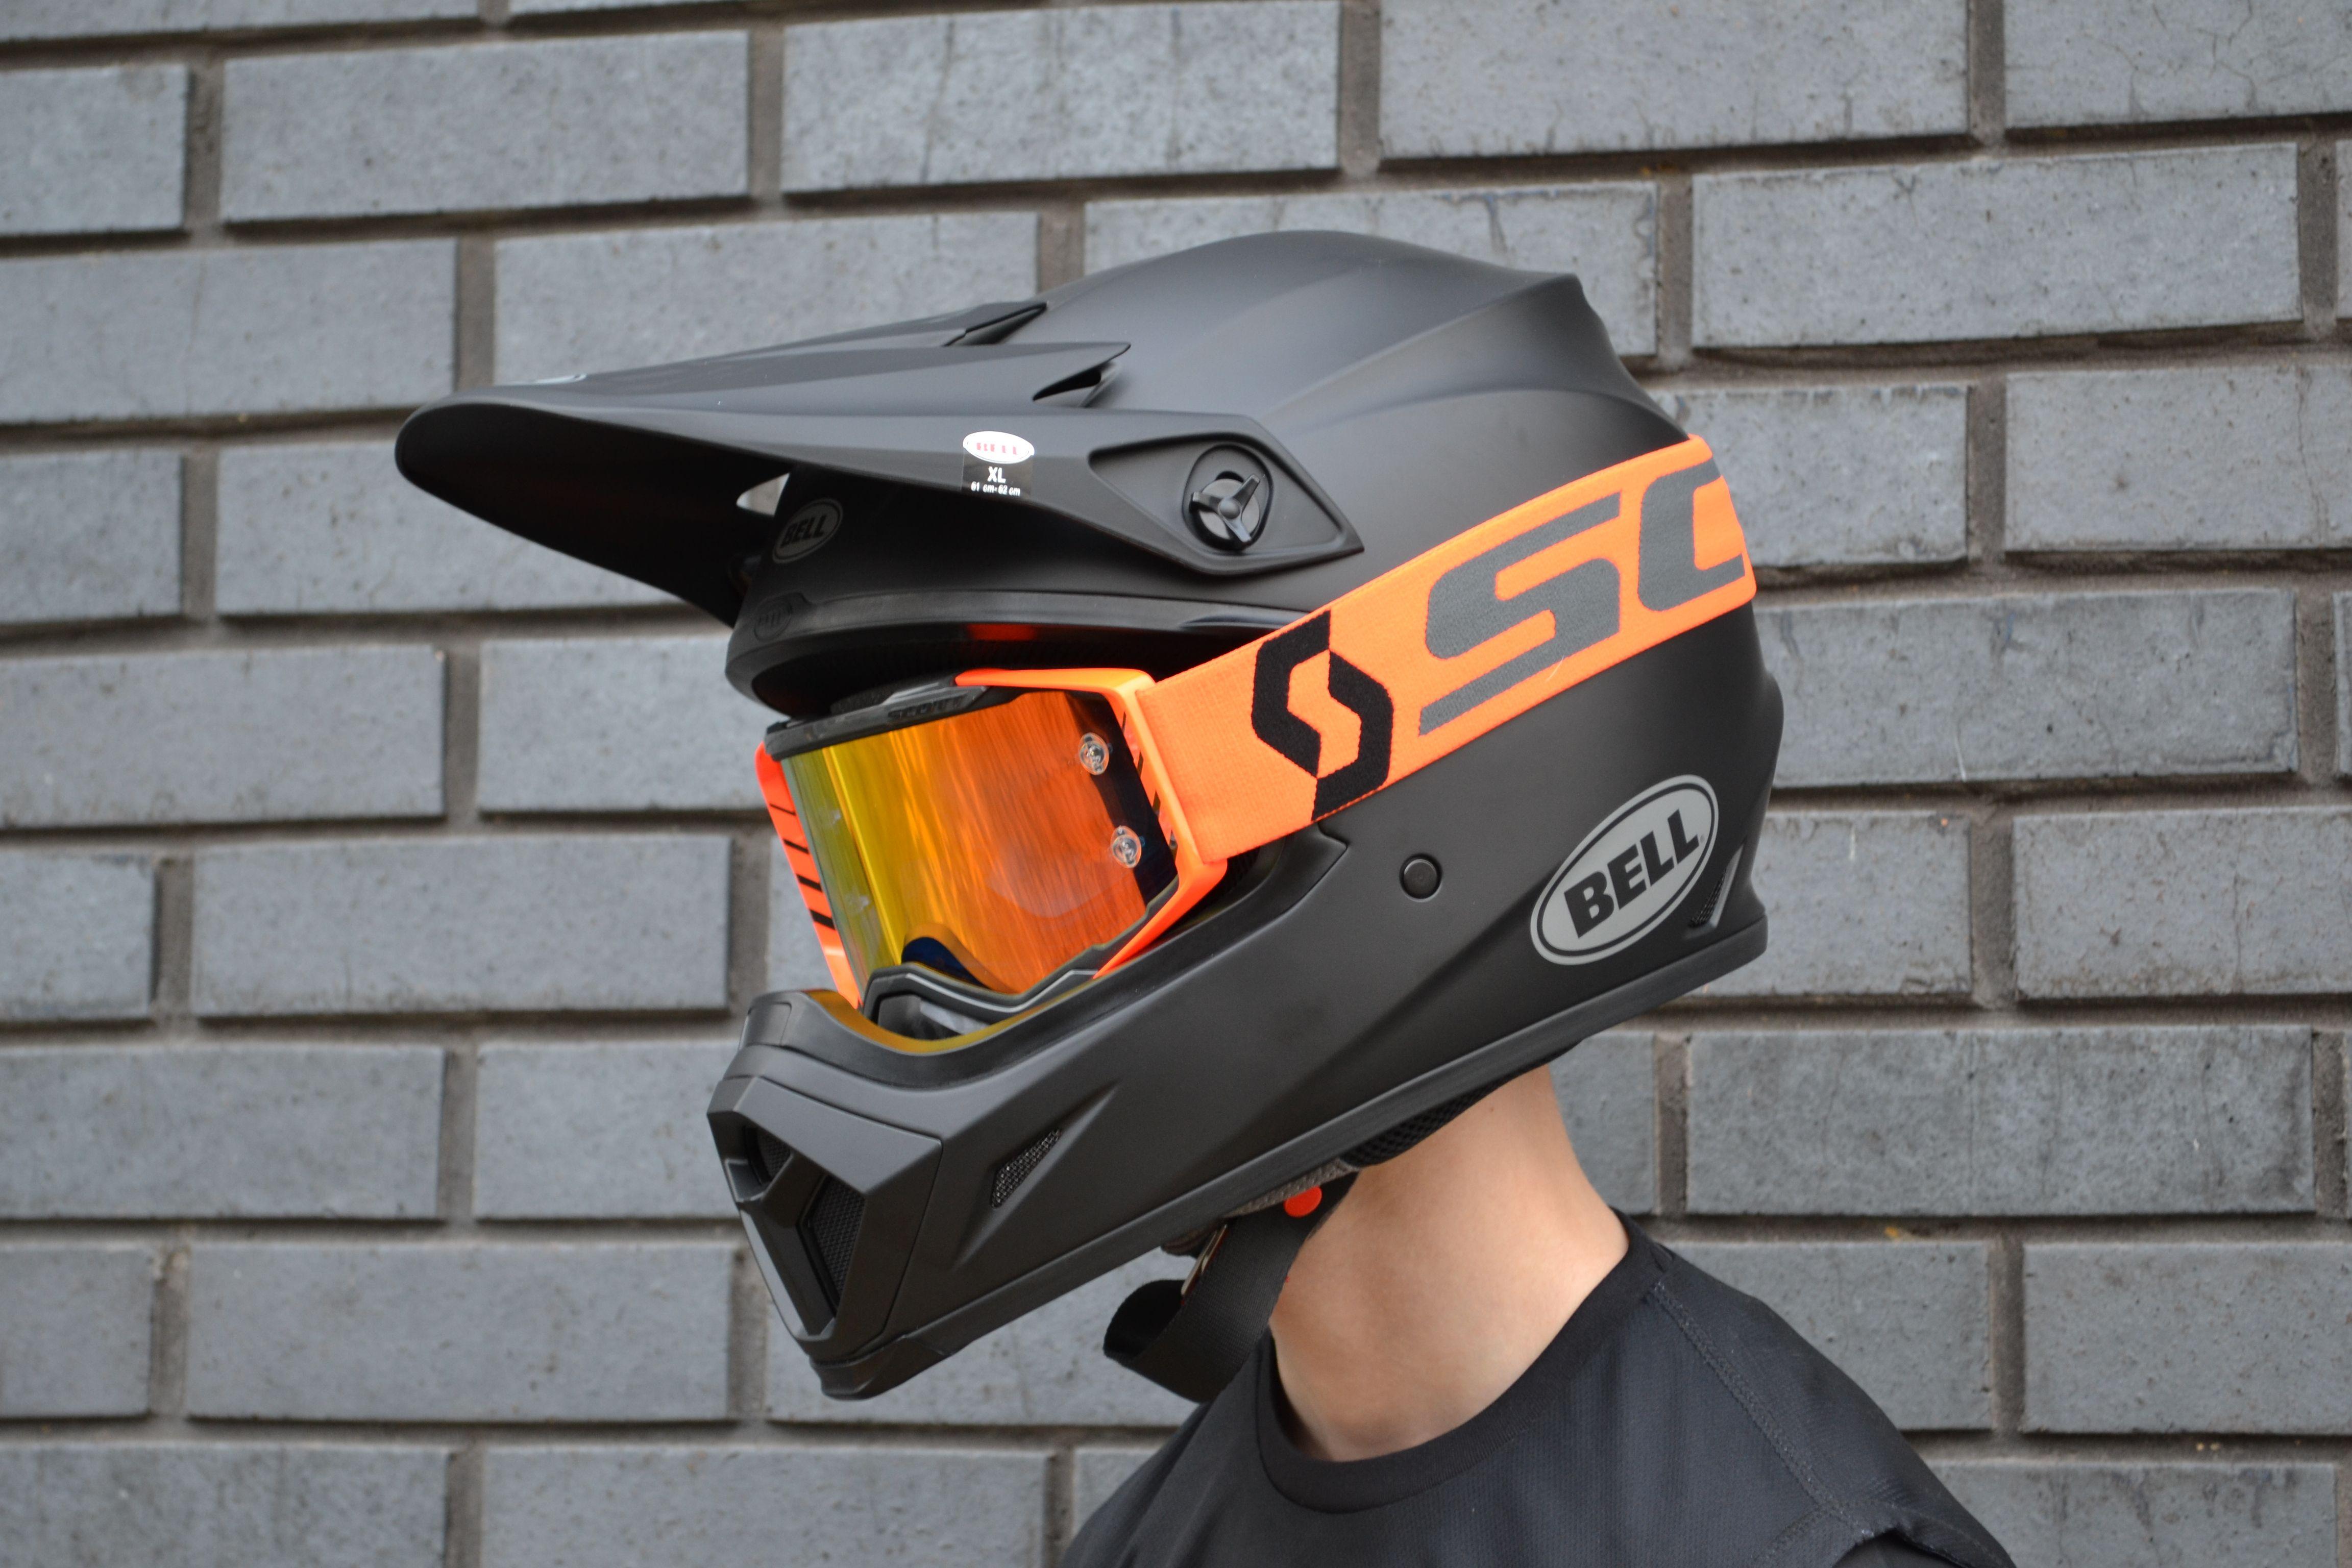 Pin On Scott Prospect Motocross Goggles